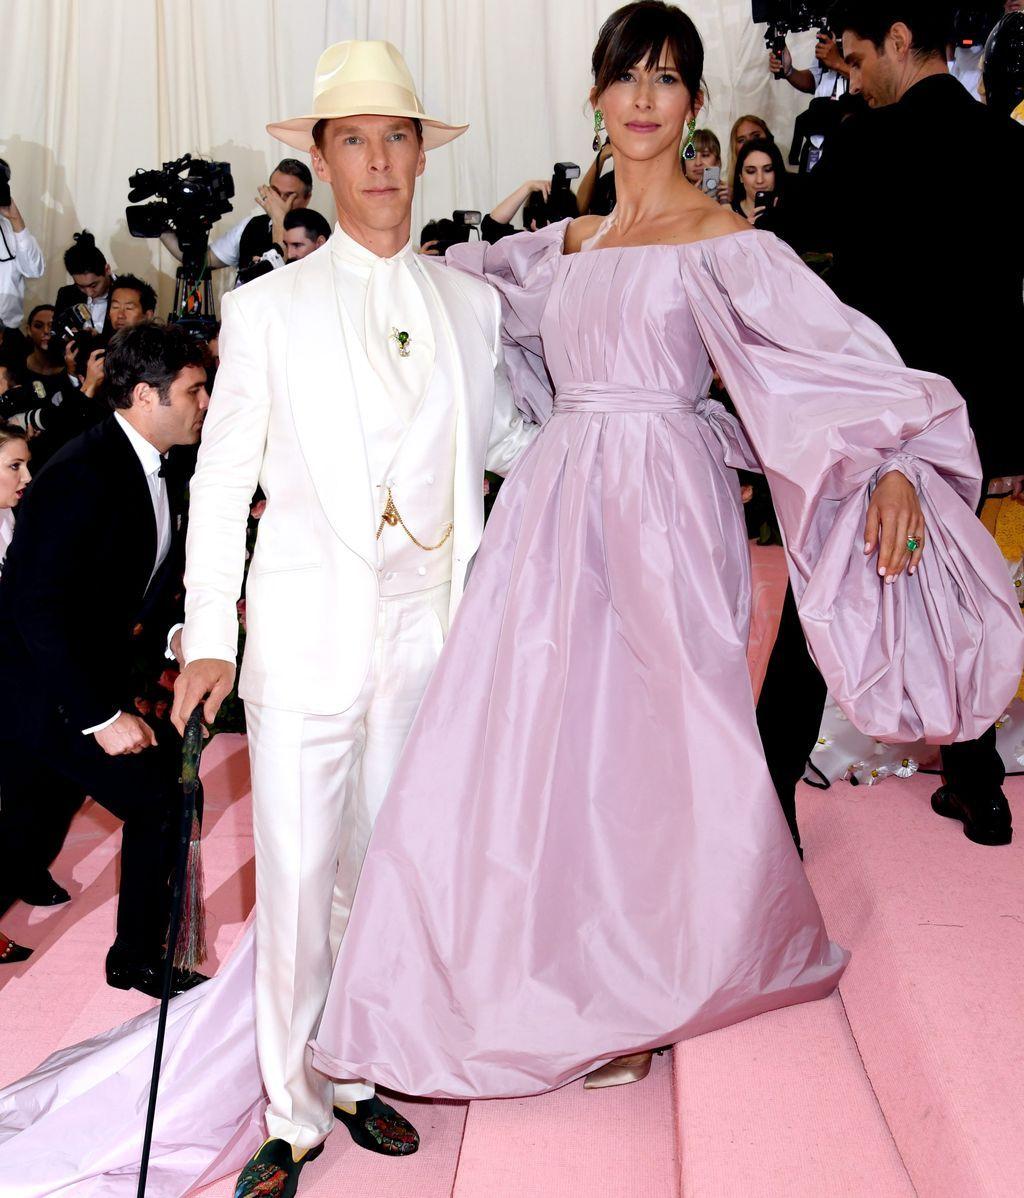 Muy teatrales, el matrimonio formado por Benedict Cumberbatch y Sophie Hunter